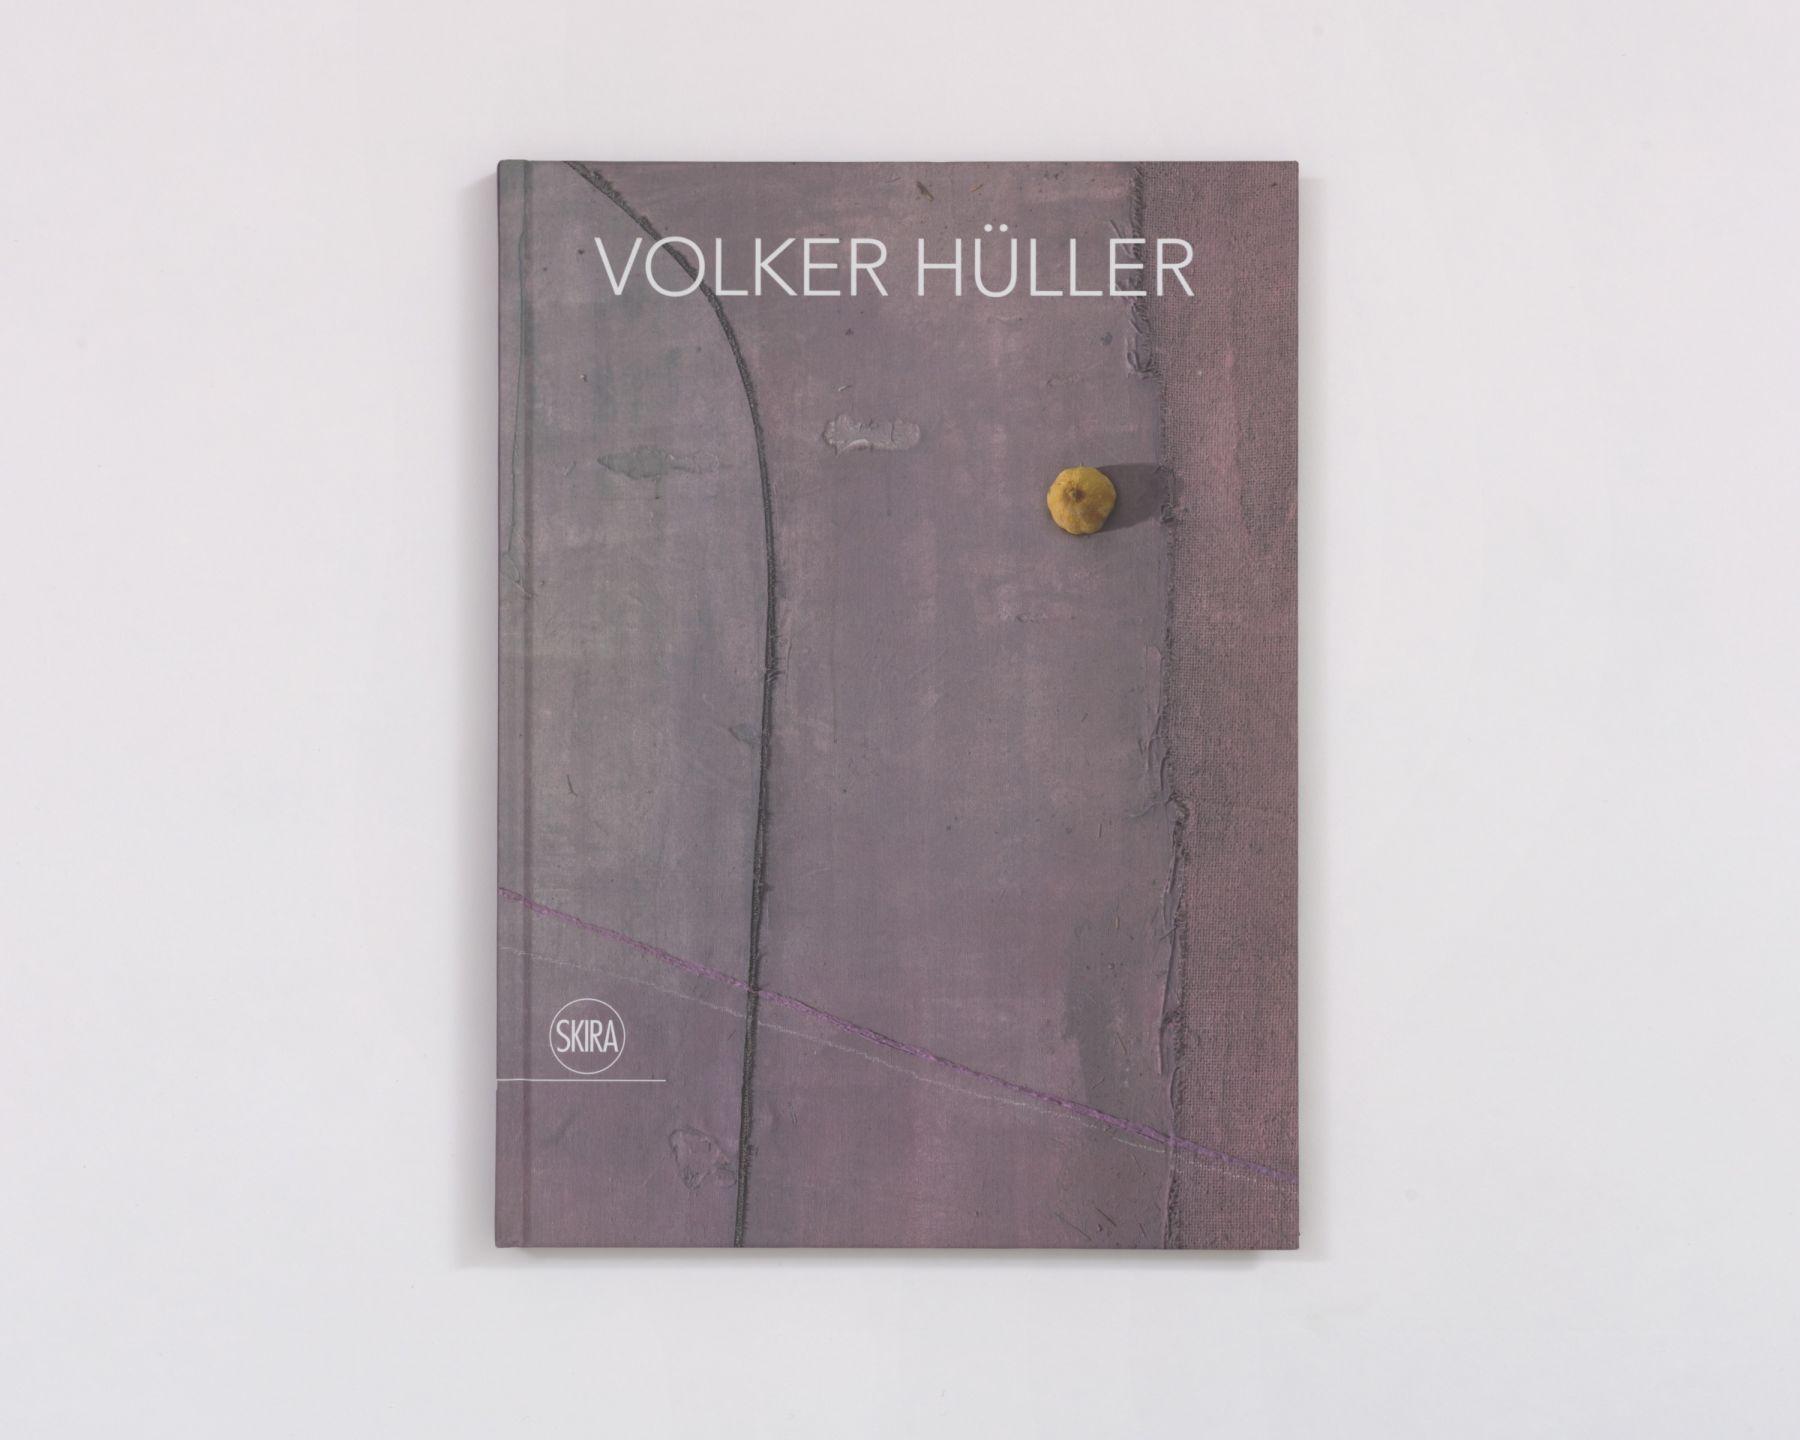 Volker Hüller